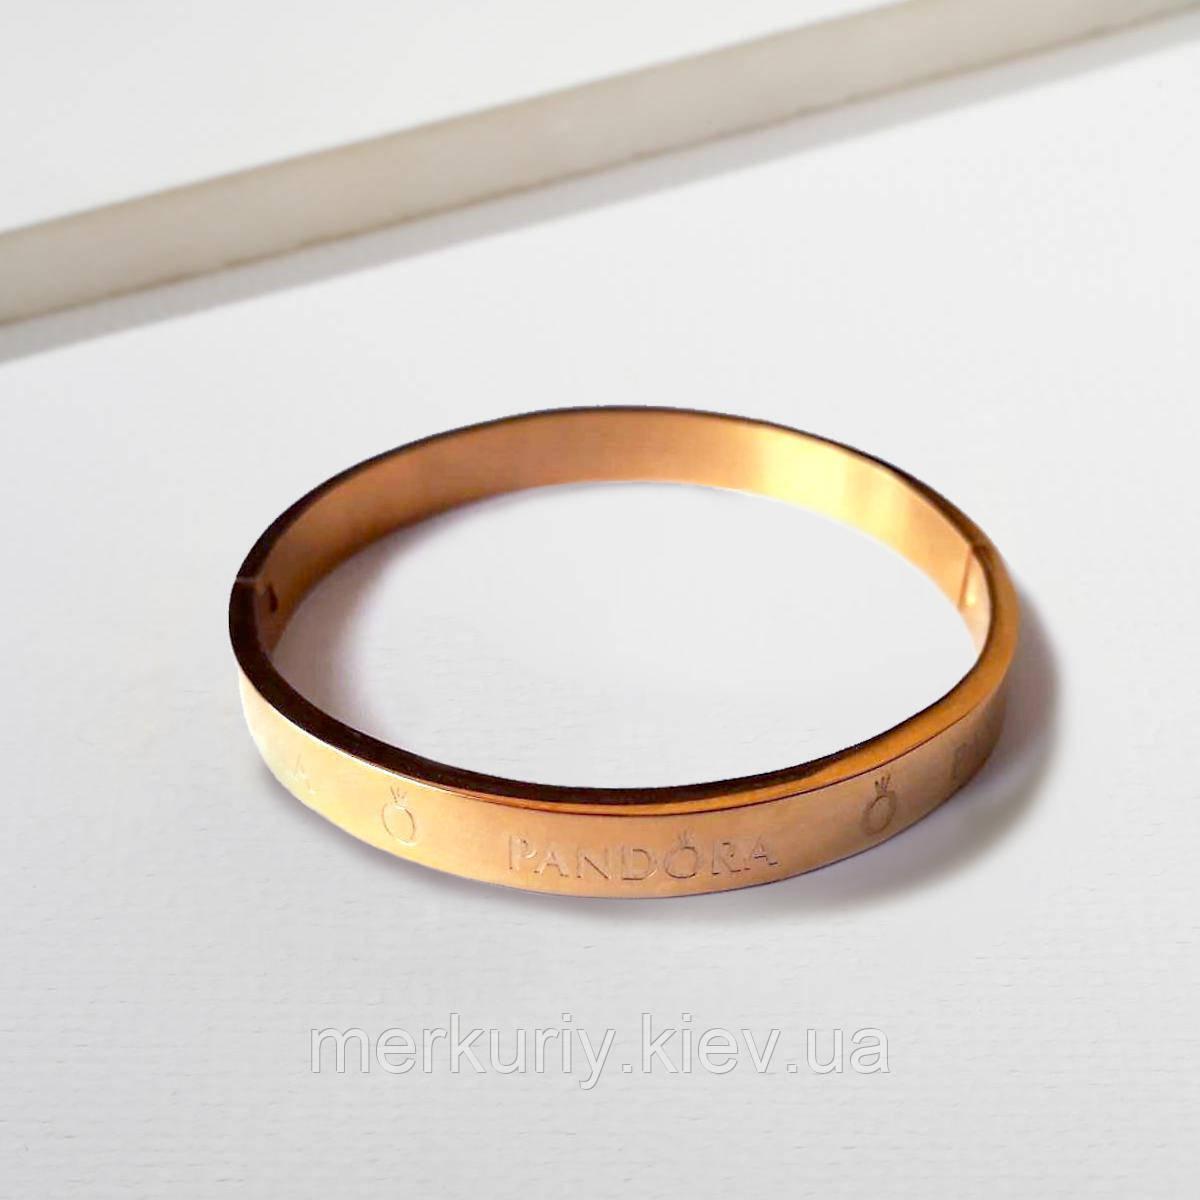 Браслет кольцо на запястье Pandora пандора